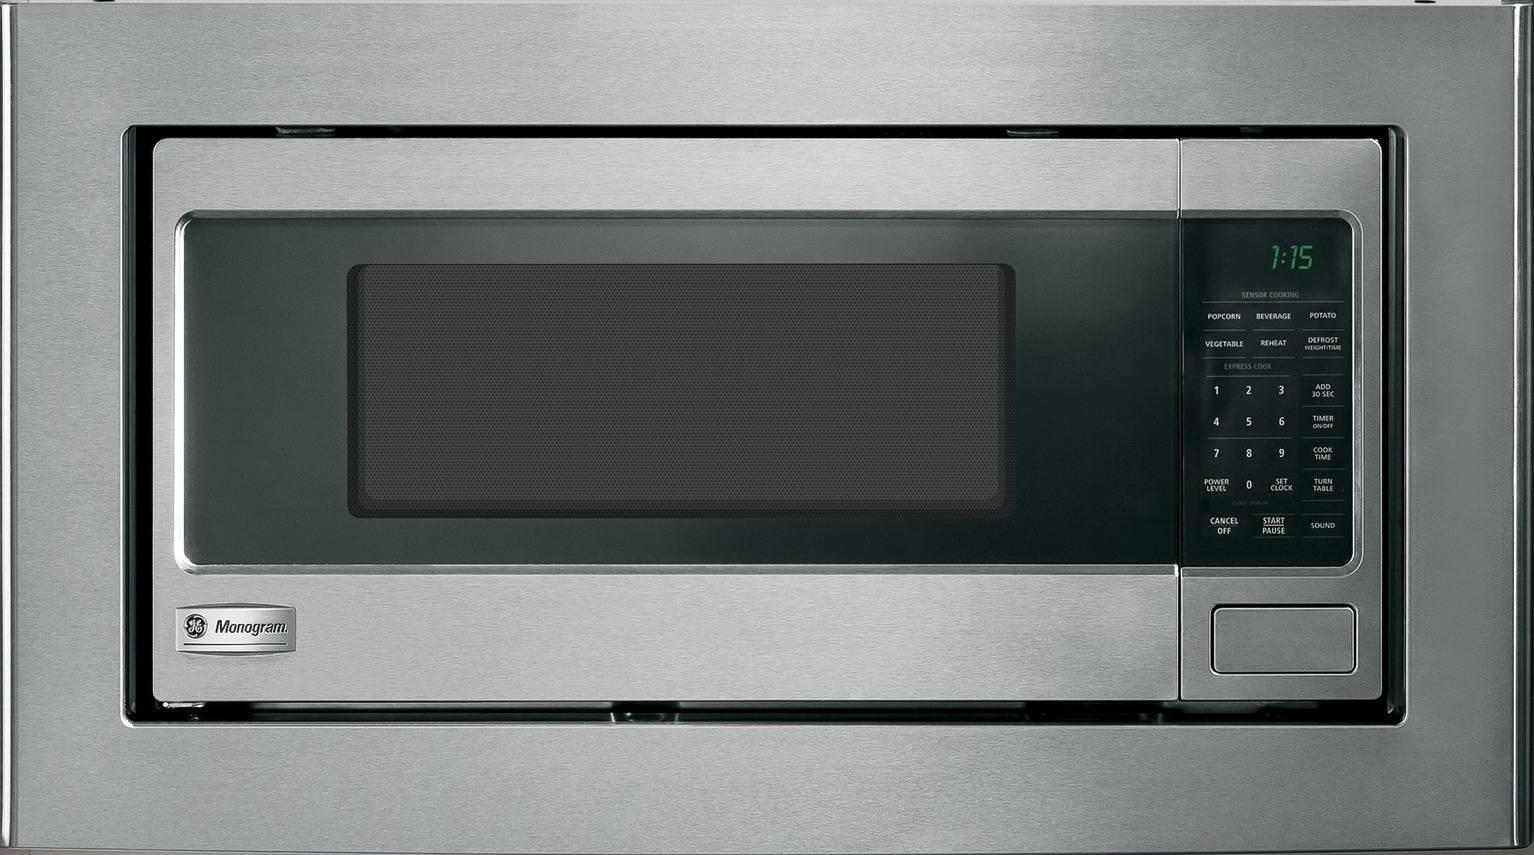 Monogram Zem115sfss 1 1 Cu Ft Countertop Microwave Oven